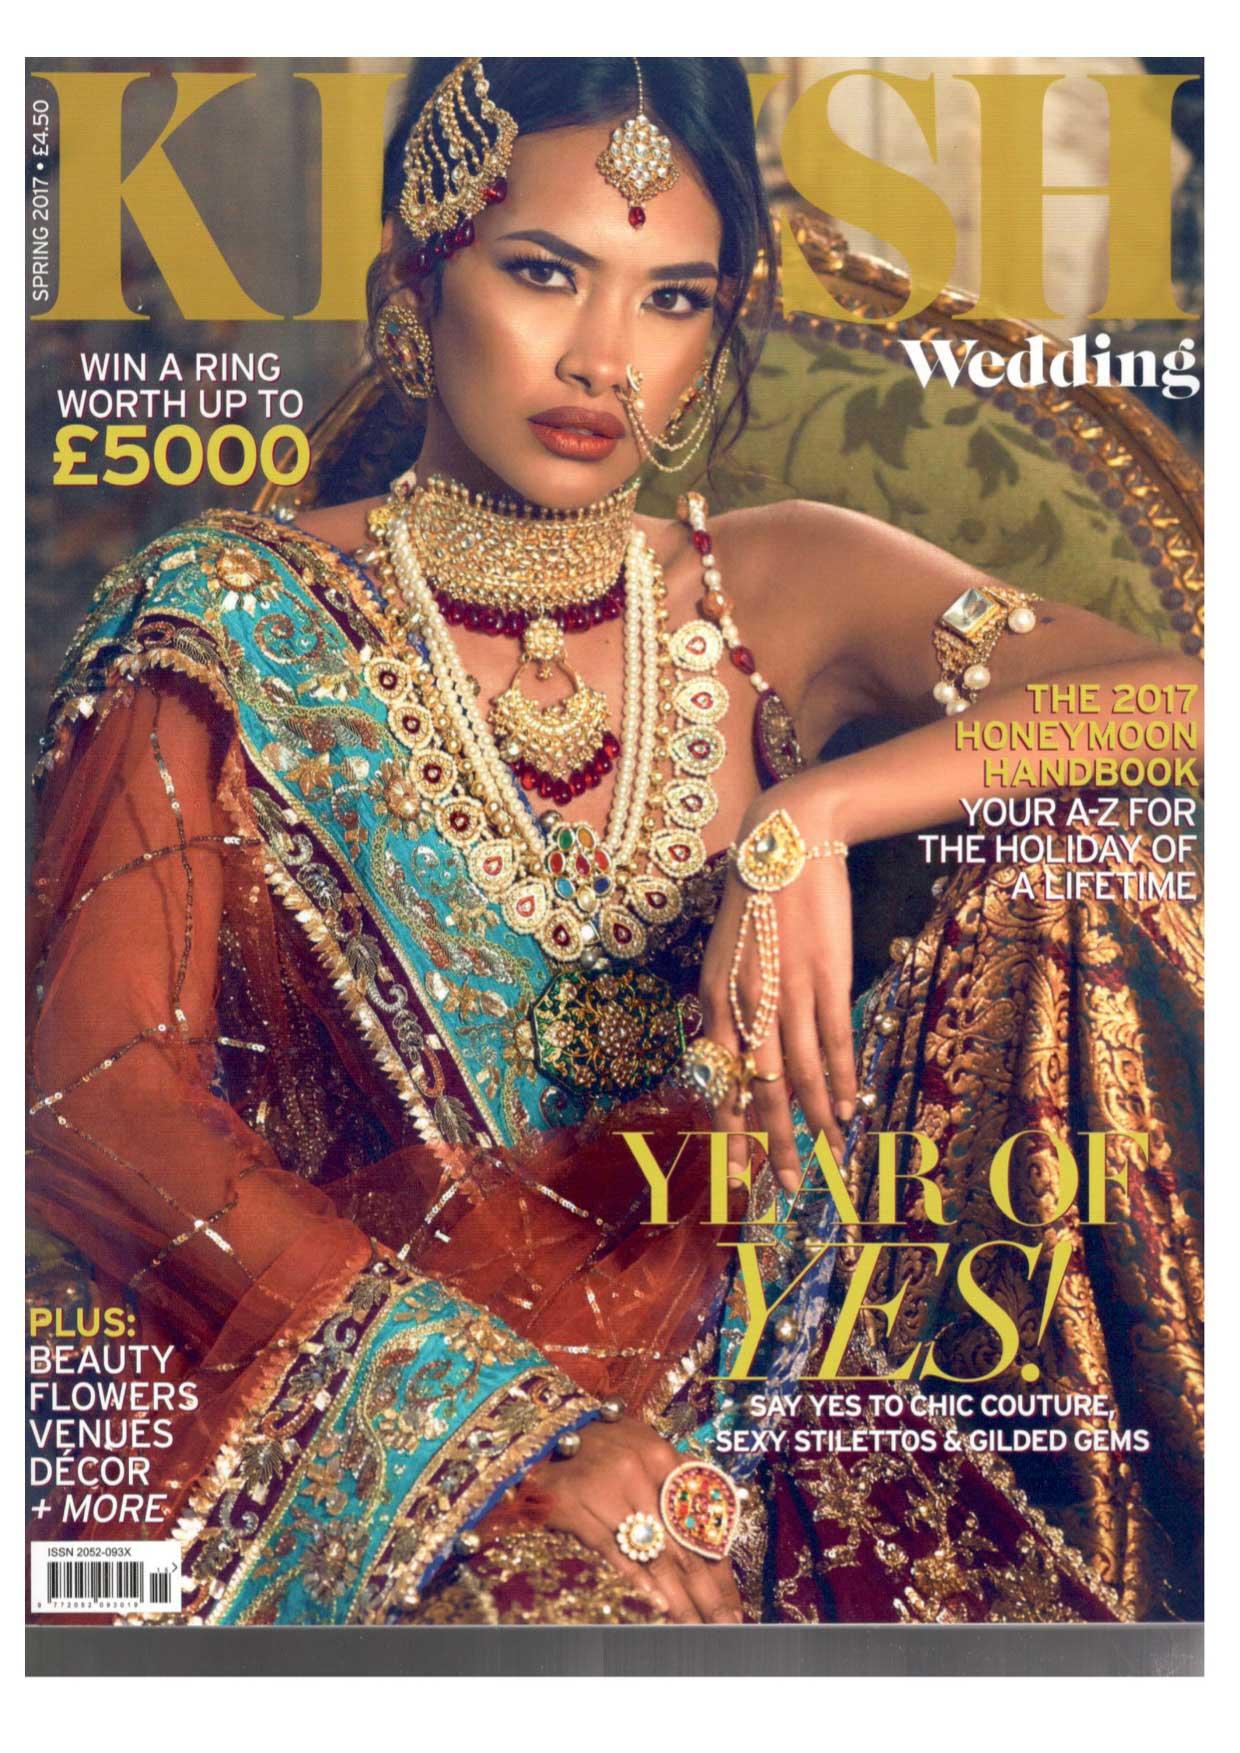 Kush Magazine